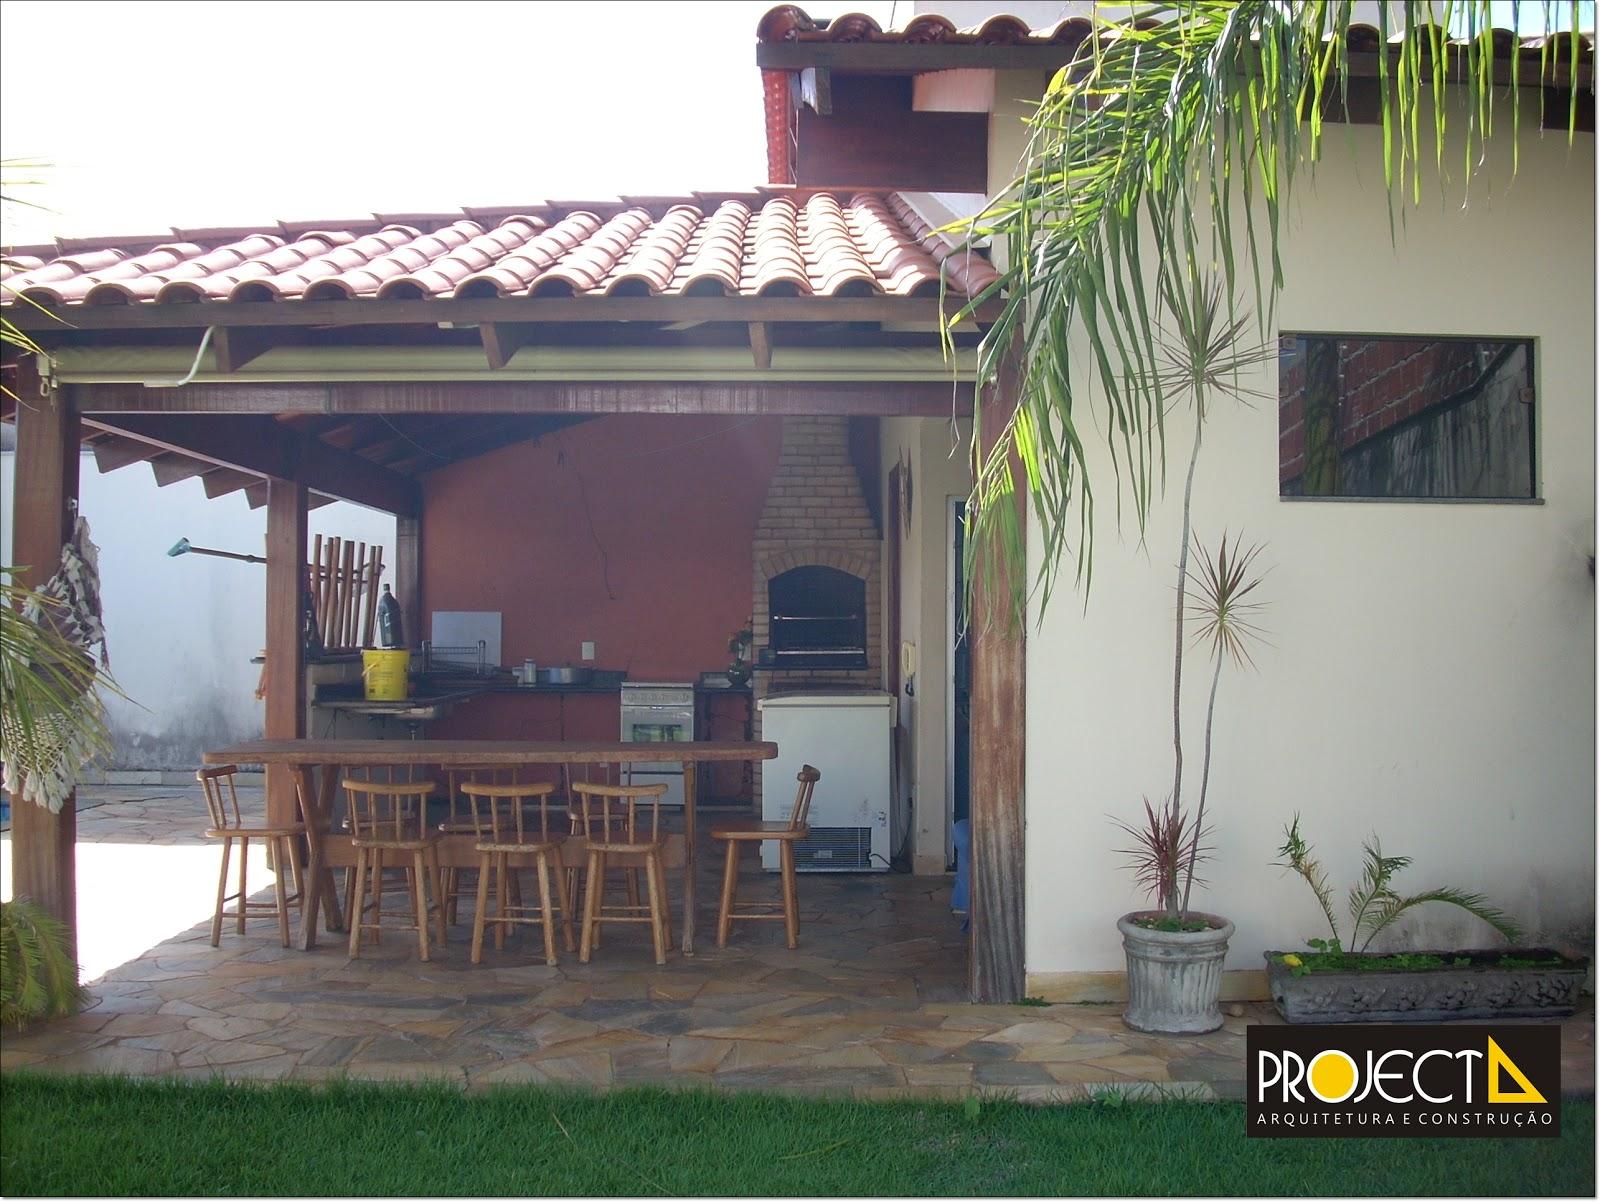 Arquitetura e Construção: Reforma Residêncial no City Uberlândia #405B3C 1600x1202 Banheiro Antigo Reforma